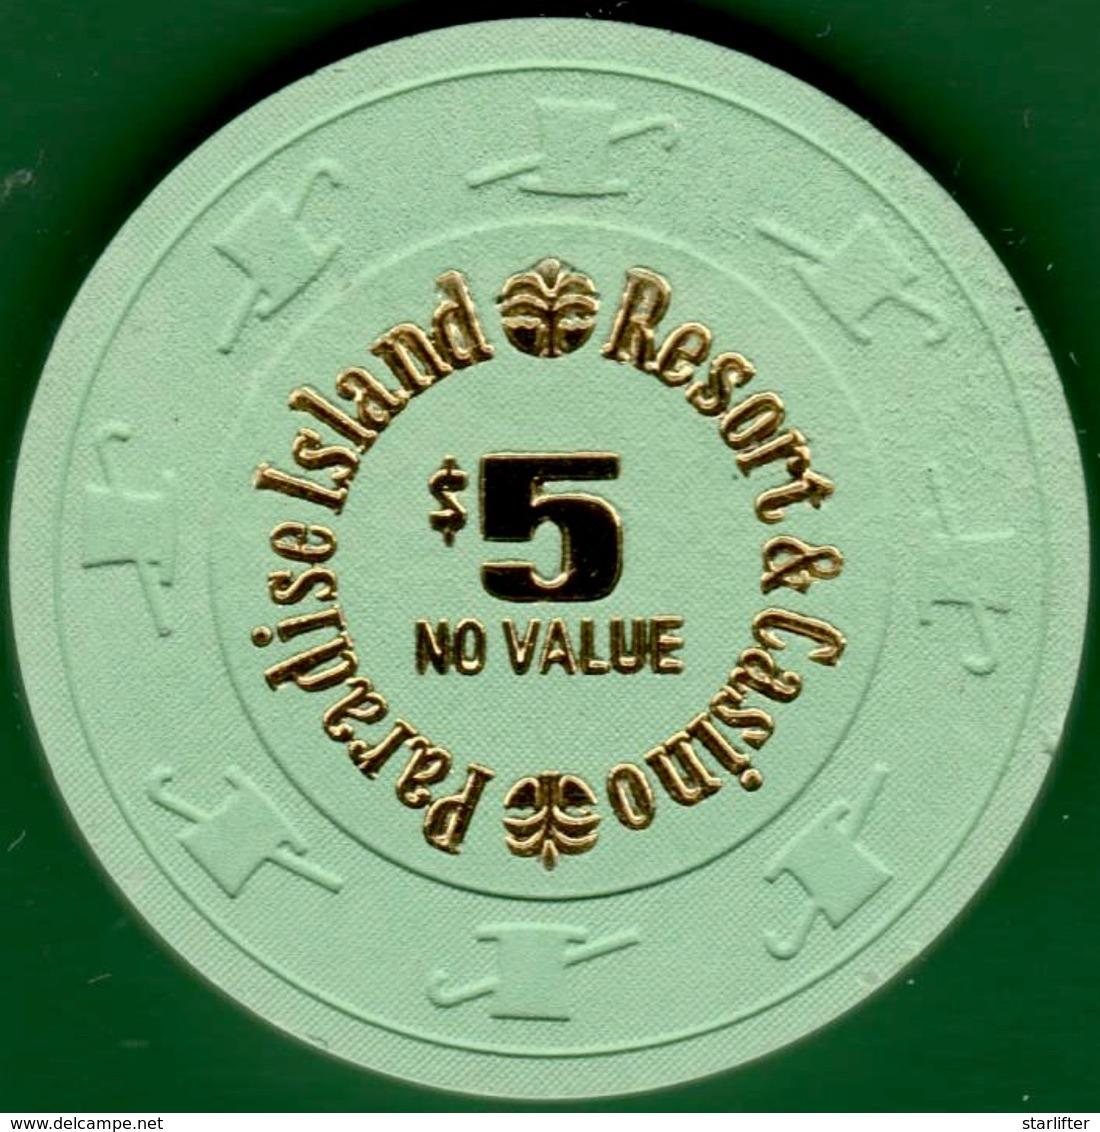 $5 Casino Chip. Paradise Island, Bahamas. L32. - Casino